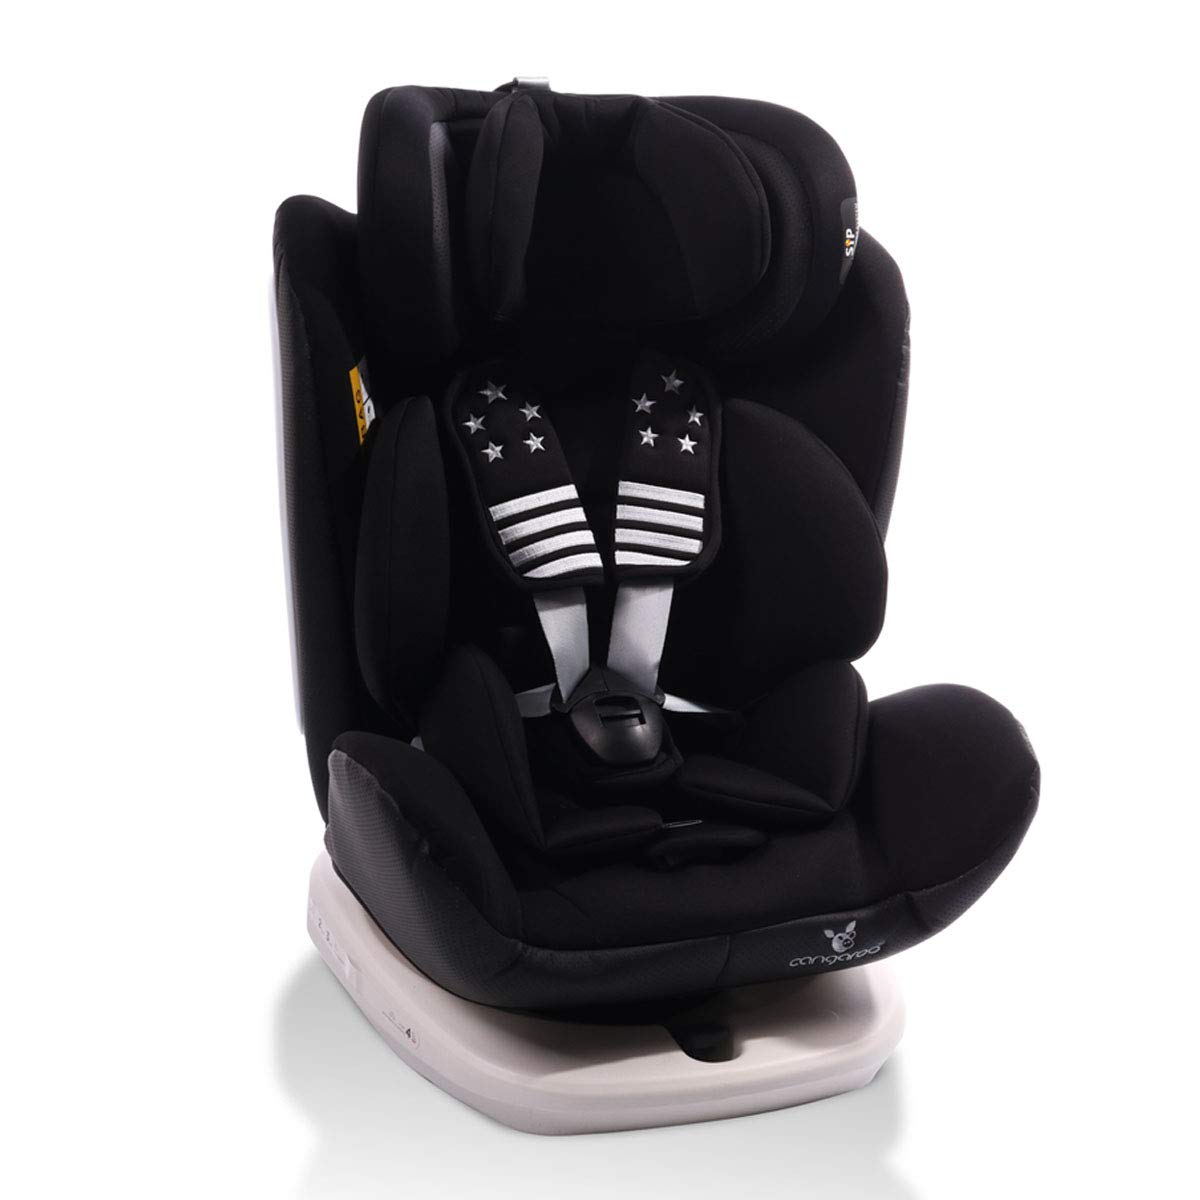 Cangaroo Kindersitz Pilot 0-36 kg Gruppe 0+/1/2/3, Isofix, drehbar, 165° Neigung schwarz